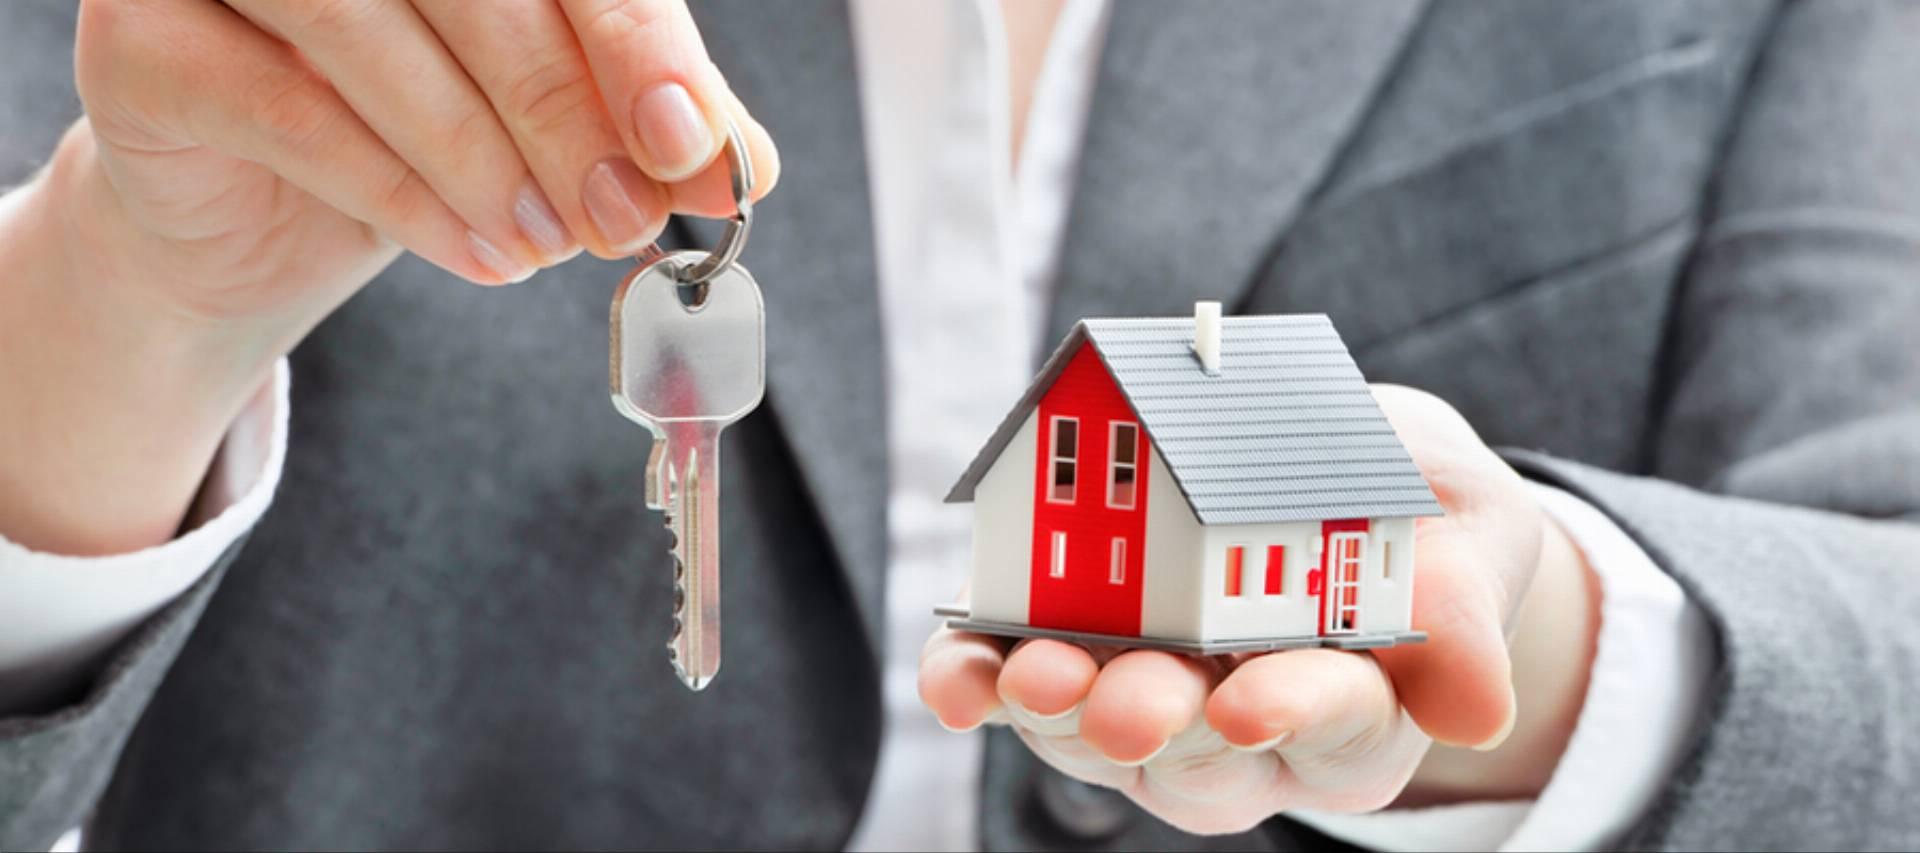 mieszkanie klucze jak kupić mieszkanie